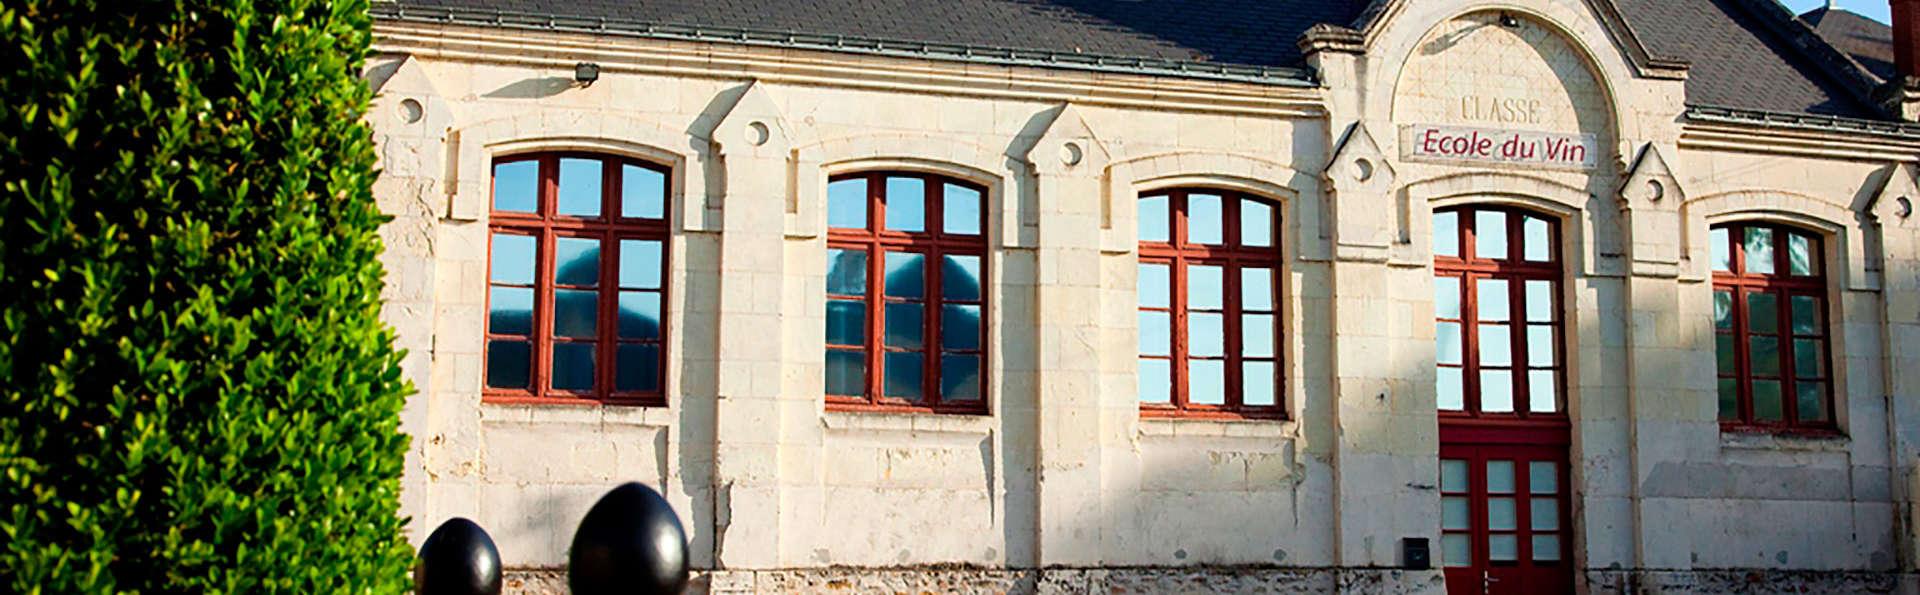 Week-end œnologique à Saumur